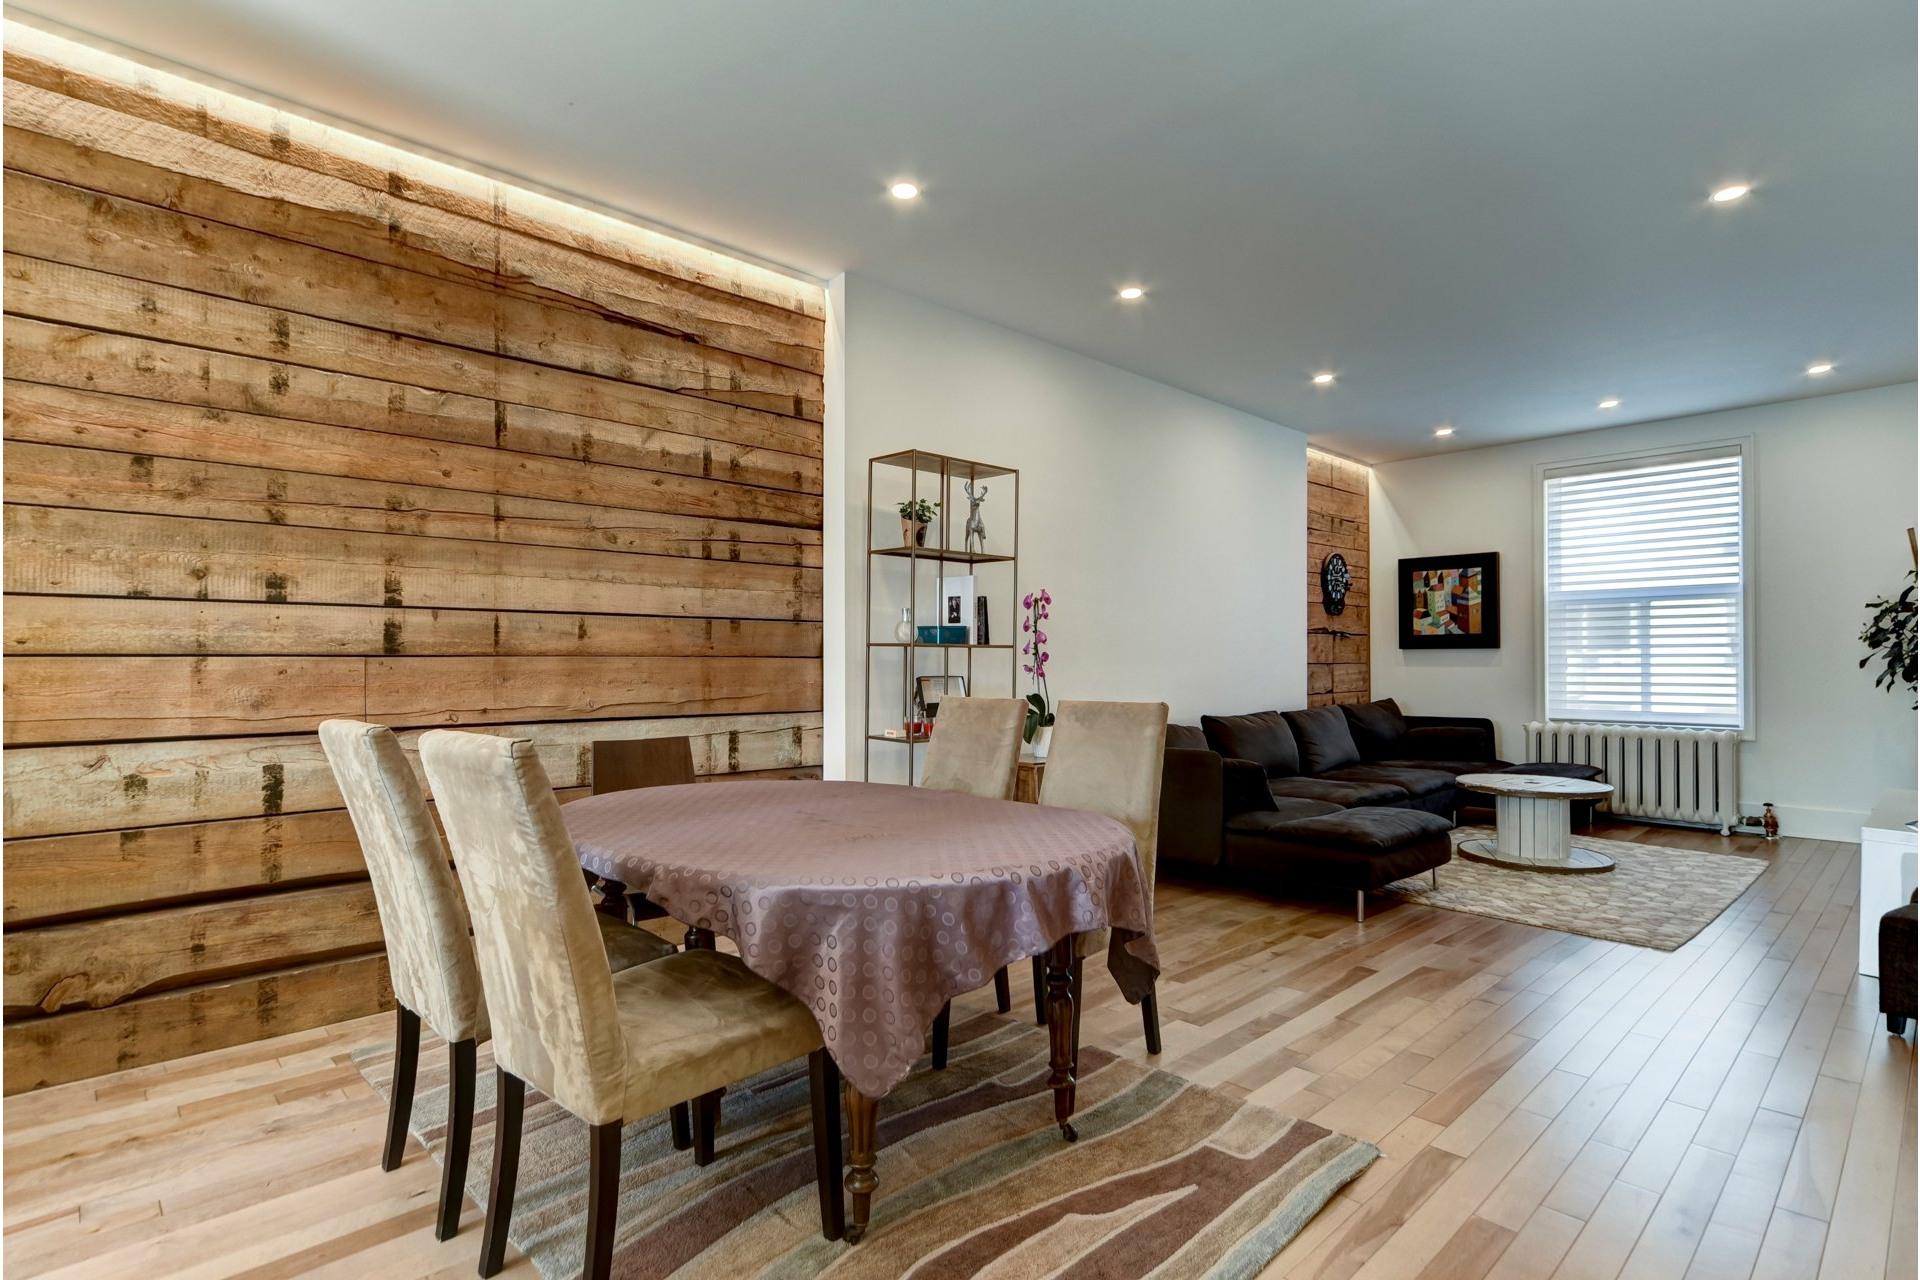 image 5 - Appartement À louer Côte-des-Neiges/Notre-Dame-de-Grâce Montréal  - 10 pièces